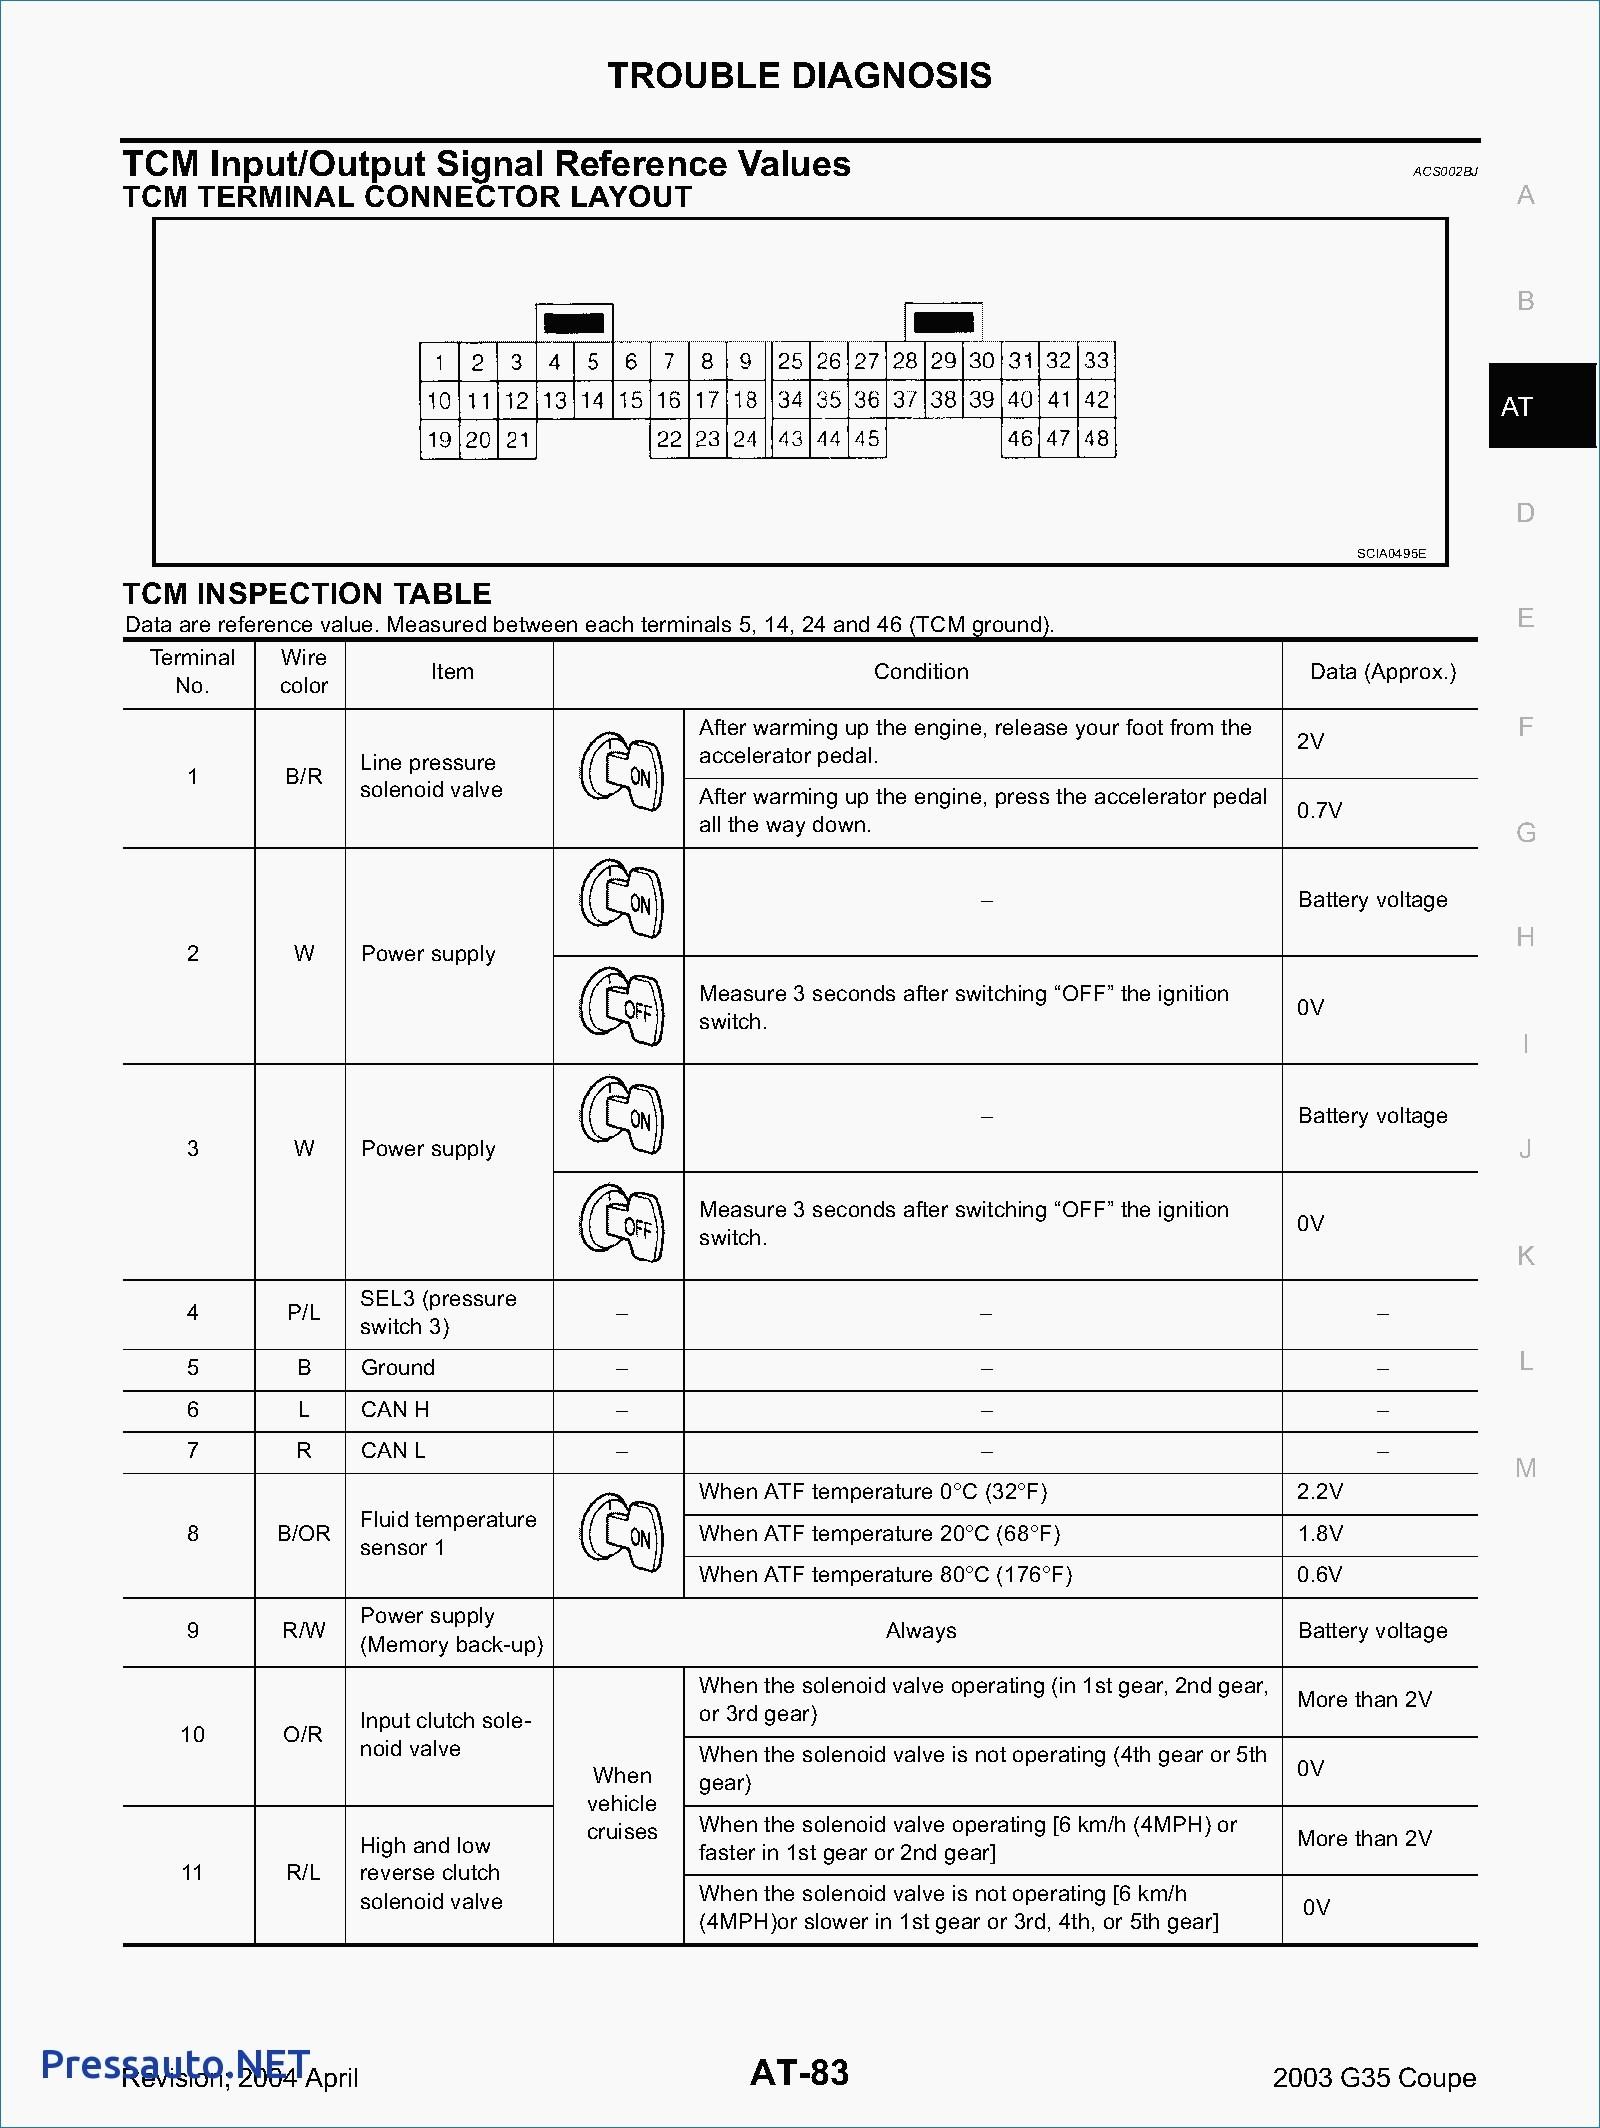 Pioneer Avh P2300Dvd Wiring Diagram | Wiring Diagram - Pioneer Avh P2300Dvd Wiring Diagram